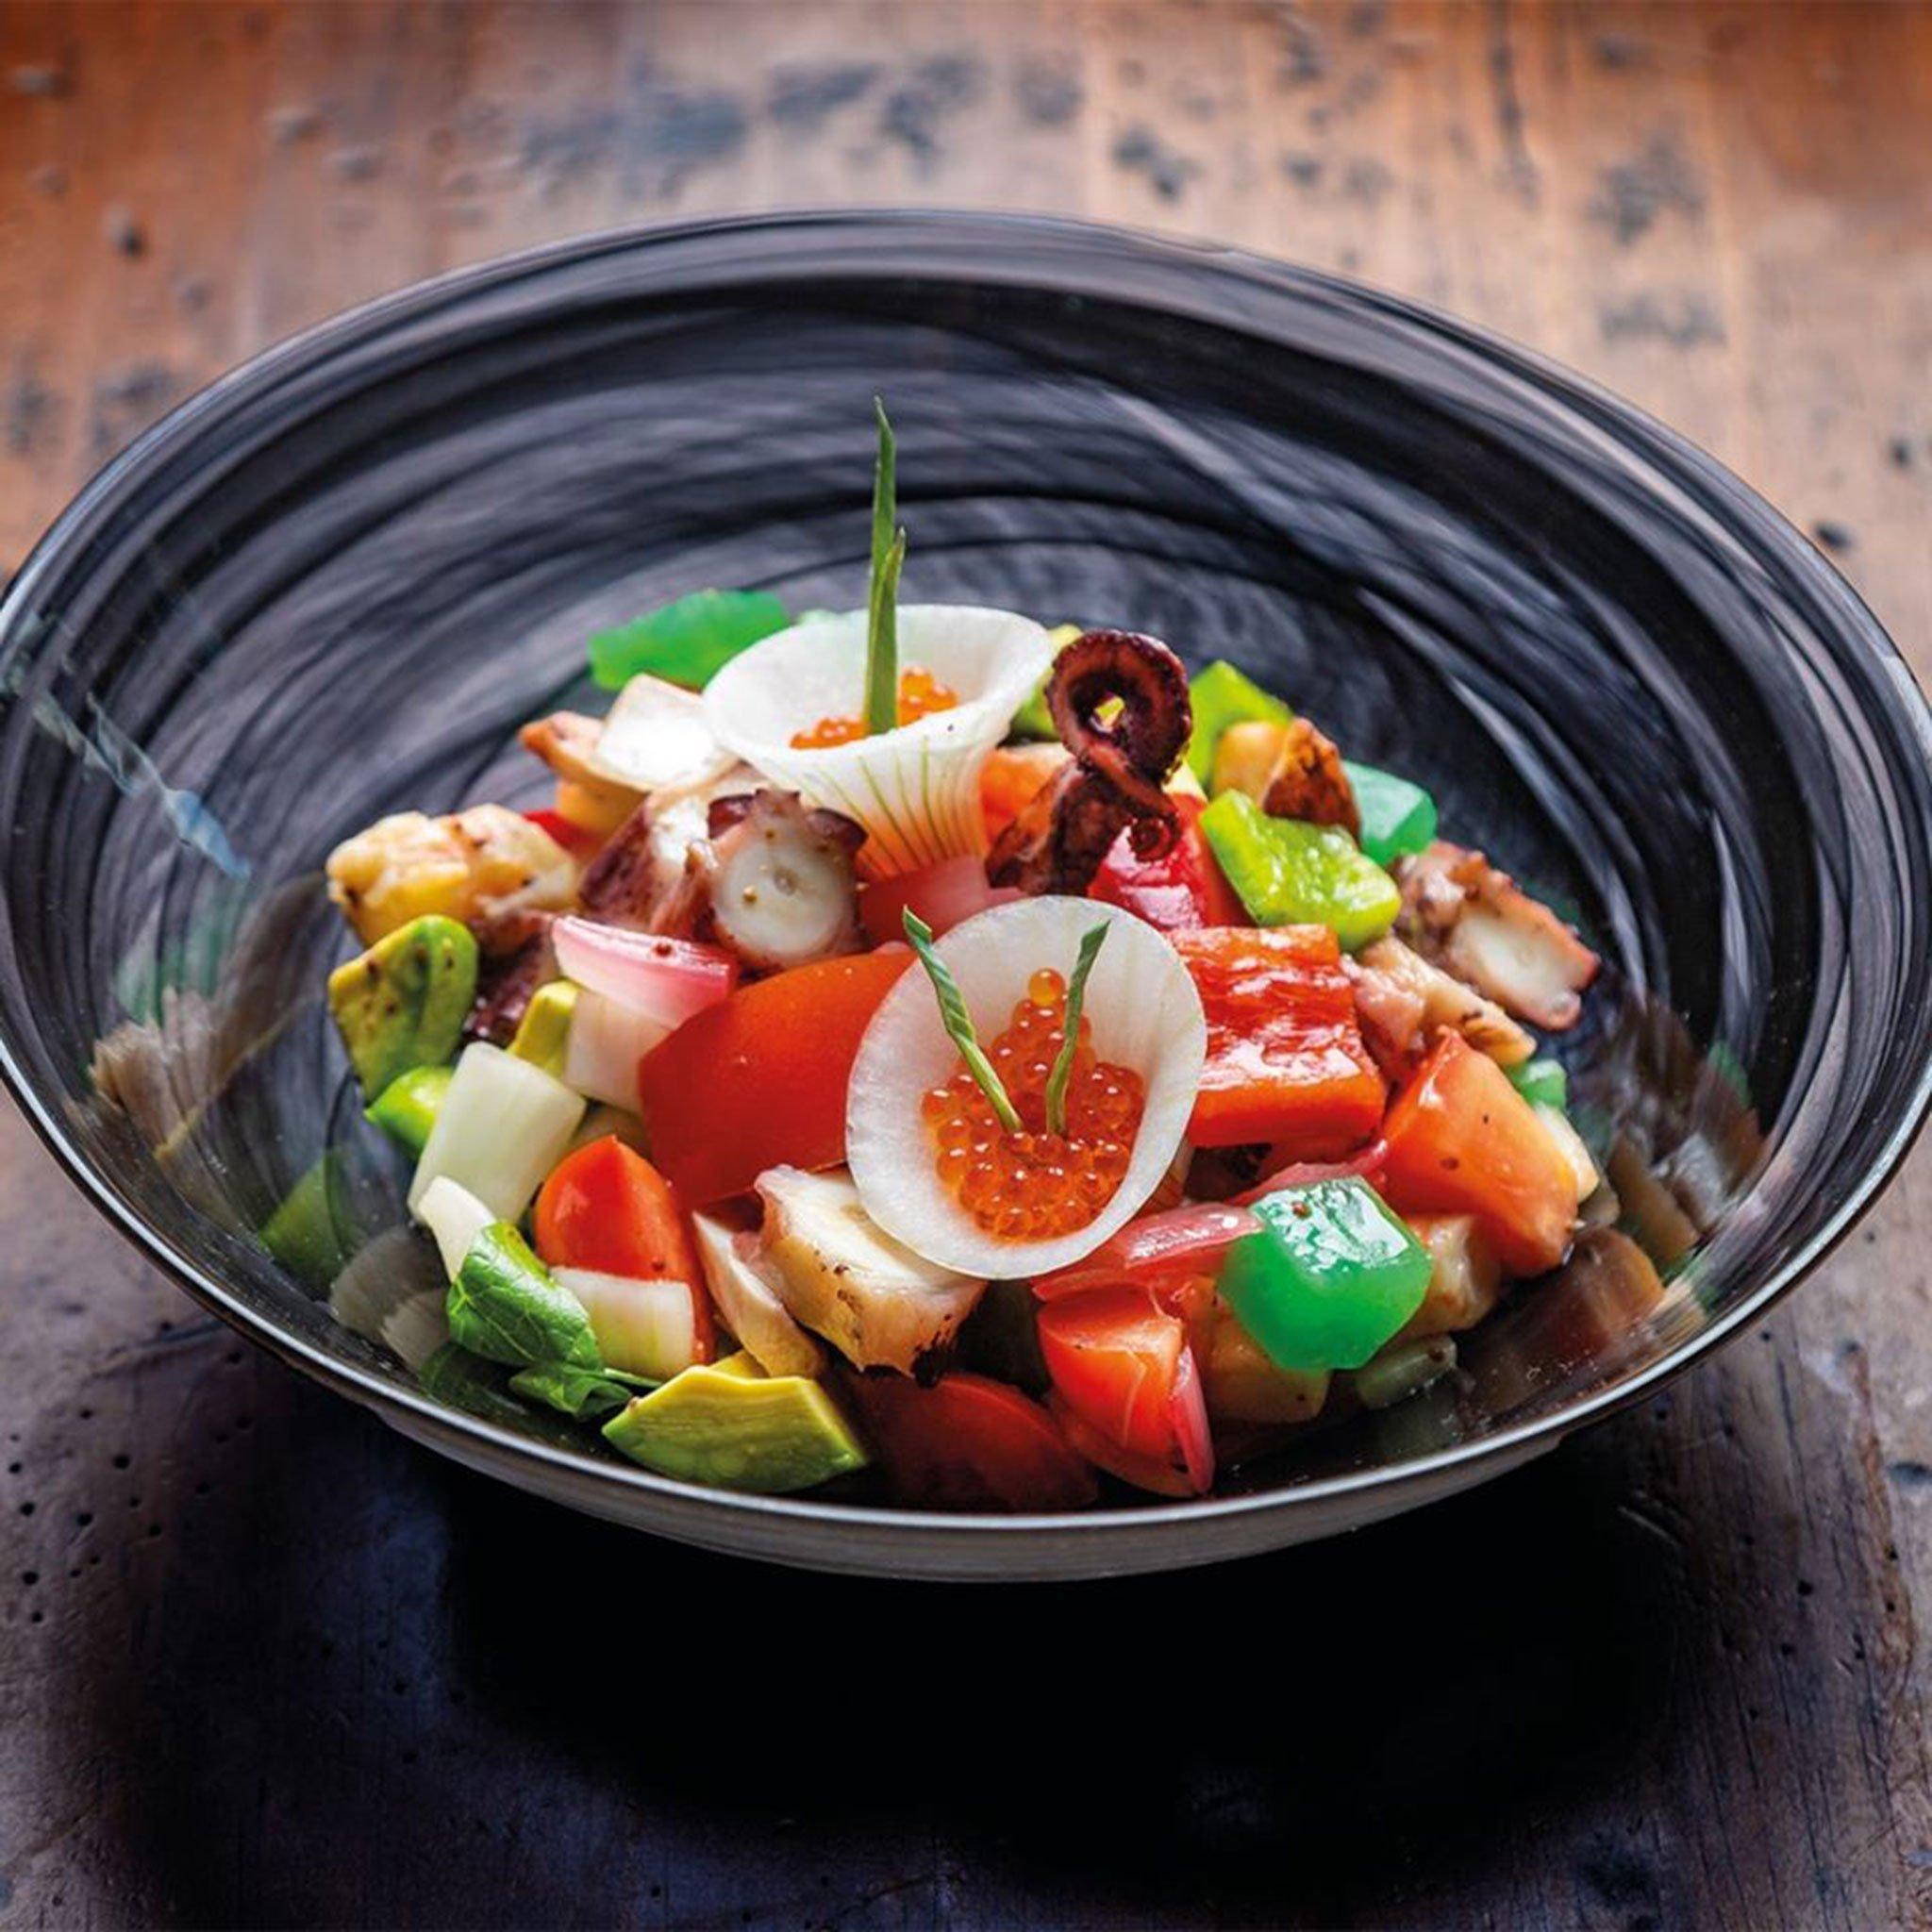 Pa Picar Algo показывает вам очень привлекательные изображения блюд в своих сетях